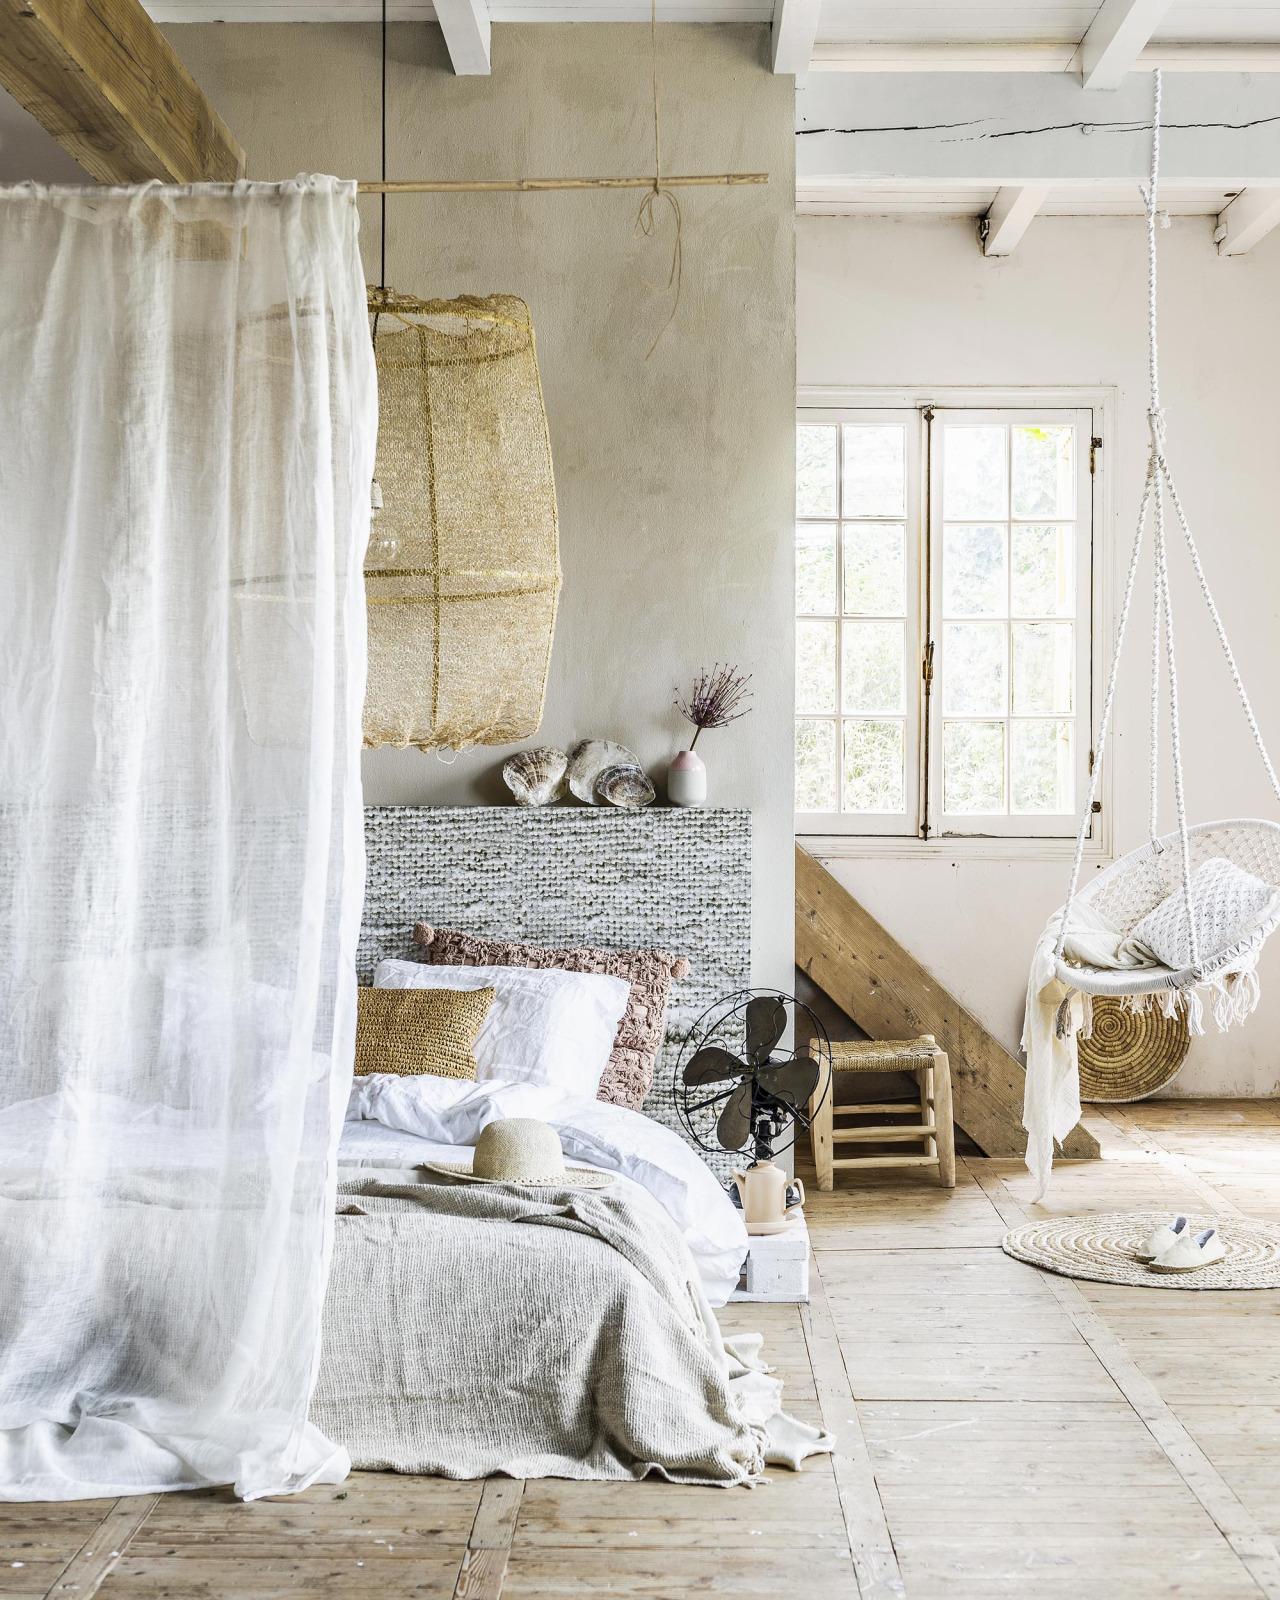 5 dreamy spaces - DailyDreamDecor | @denisaluntraru